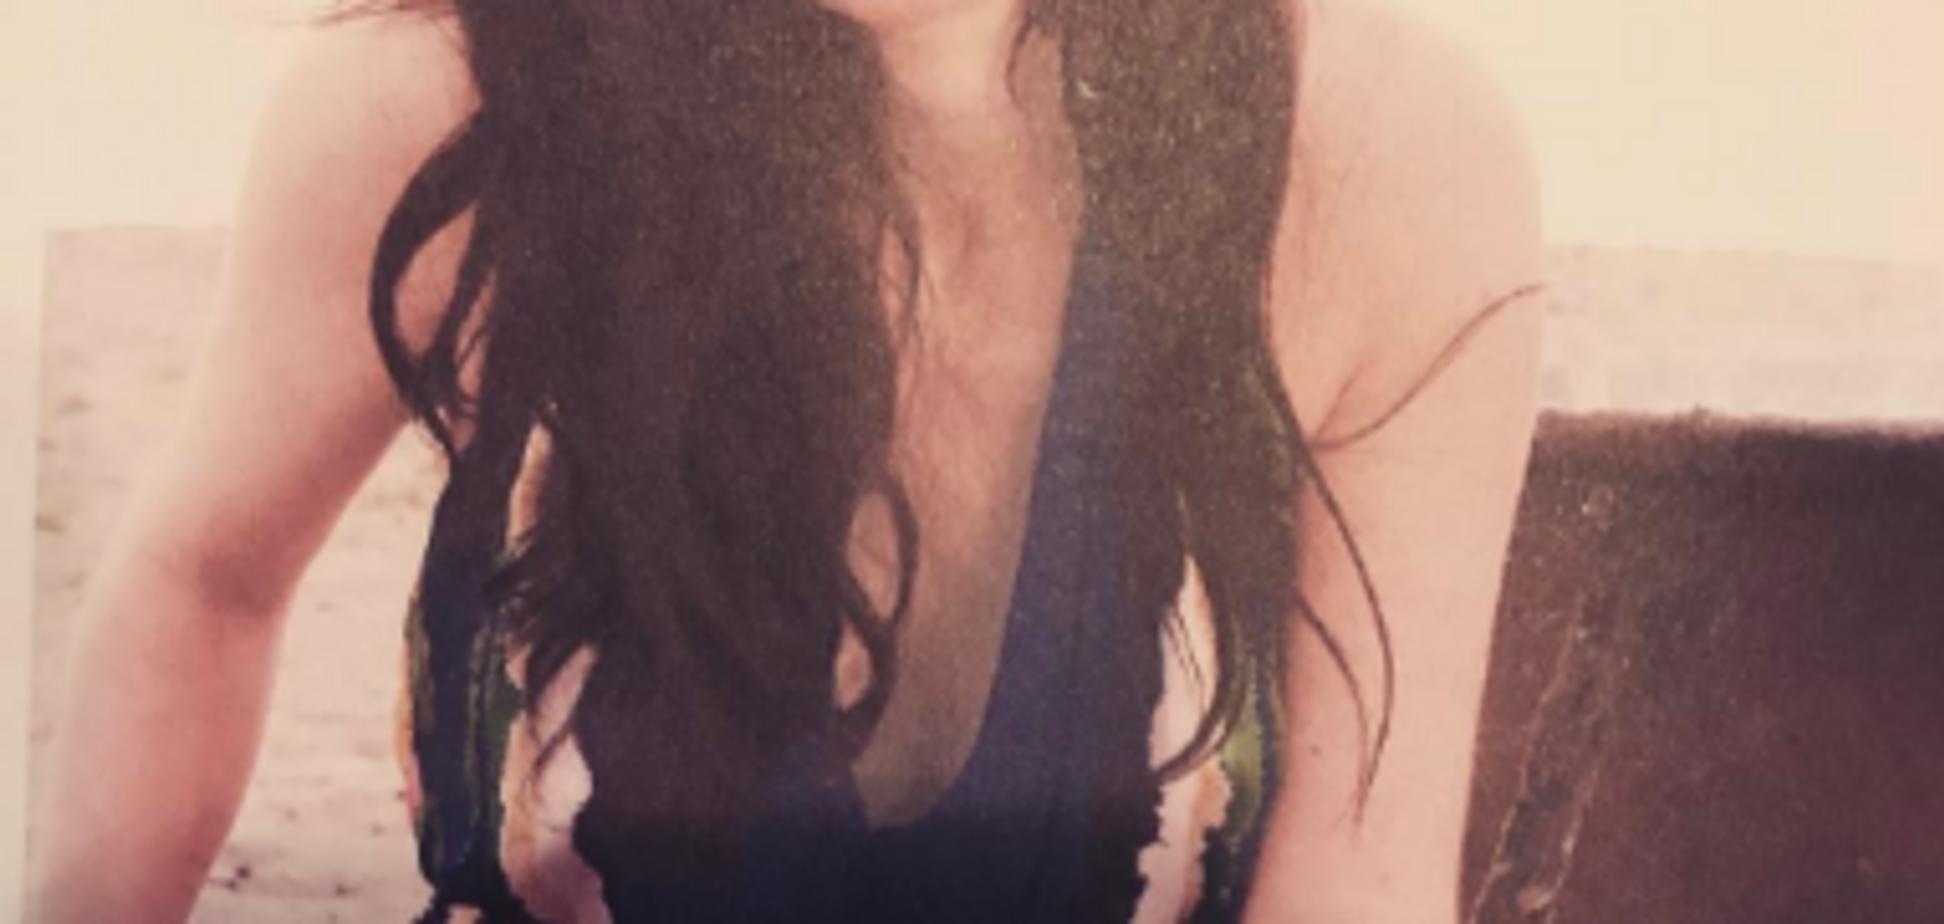 Онкобольная звезда 'Беверли Хилз' сообщила о подготовке к операции